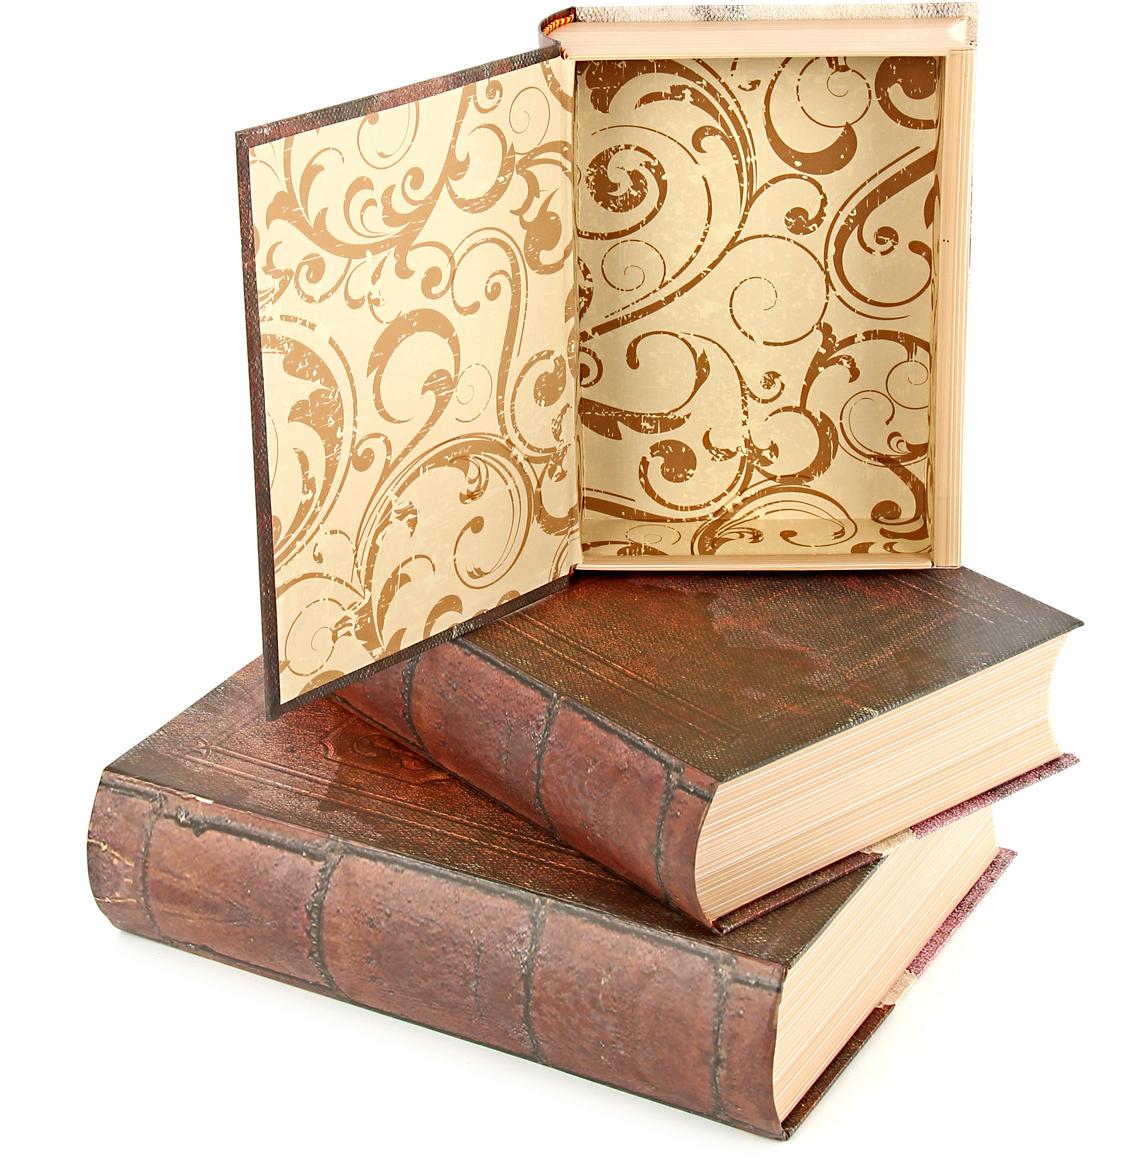 Набор подарочных коробок Veld-Co Старинные книги, 3 шт набор подарочных коробок veld co шоколад с магнитами цвет светло коричневый 3 шт